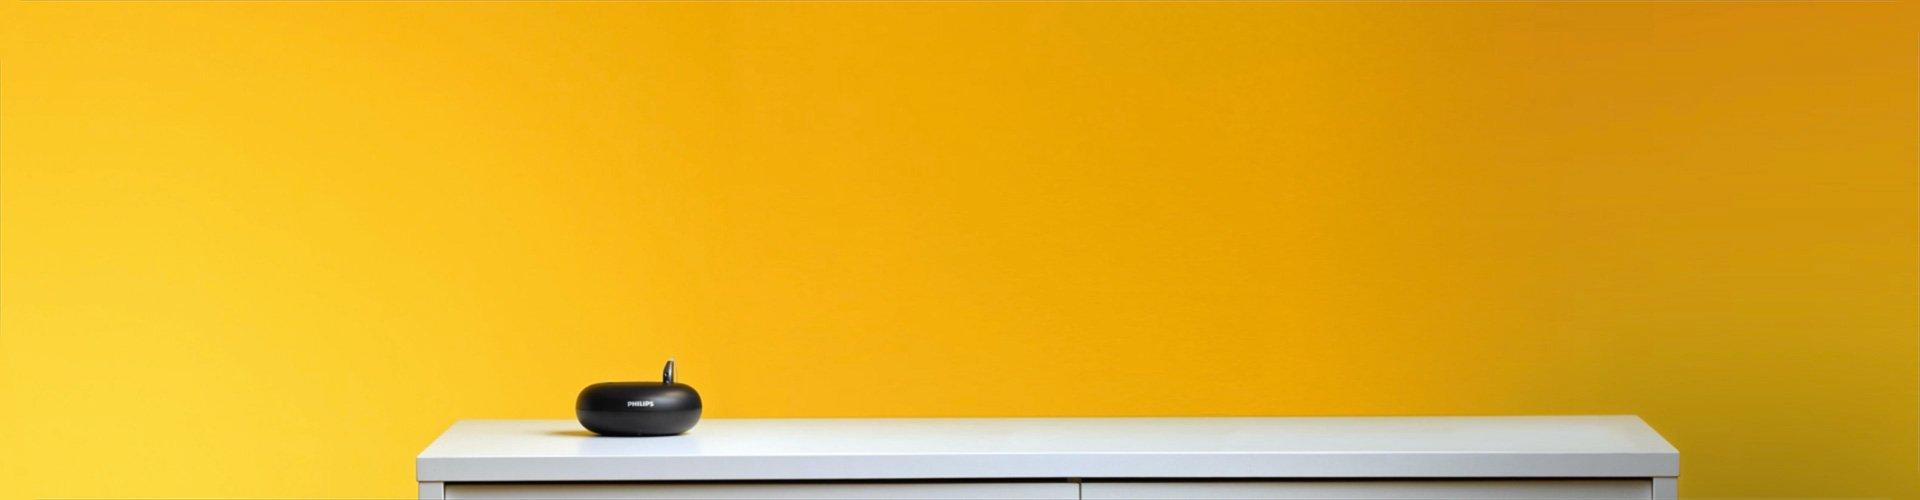 필립스 히어링크 충전형 보청기를 충전기에 놓는 남자. 3시간 충전으로 하루 종일 사용하세요.